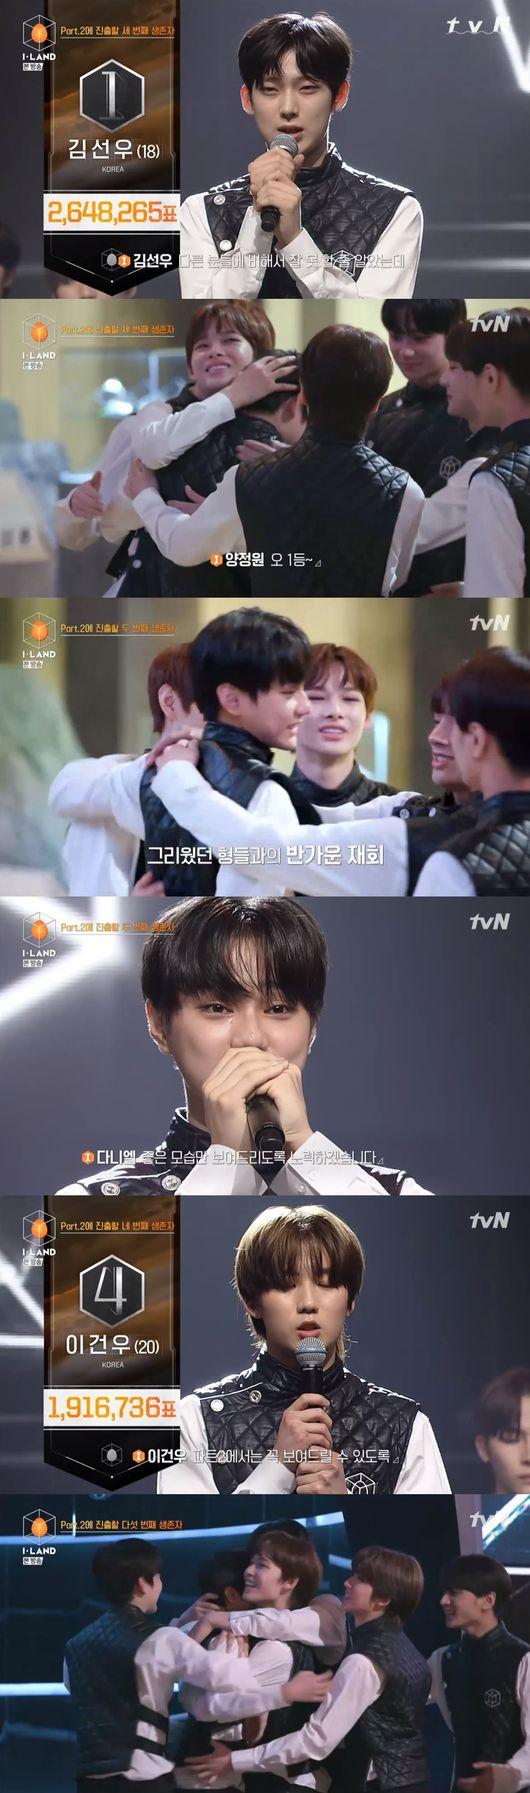 아이랜드 그라운더 김선우→이건우, 글로벌 투표로 Part.2 합류… 목표는 데뷔